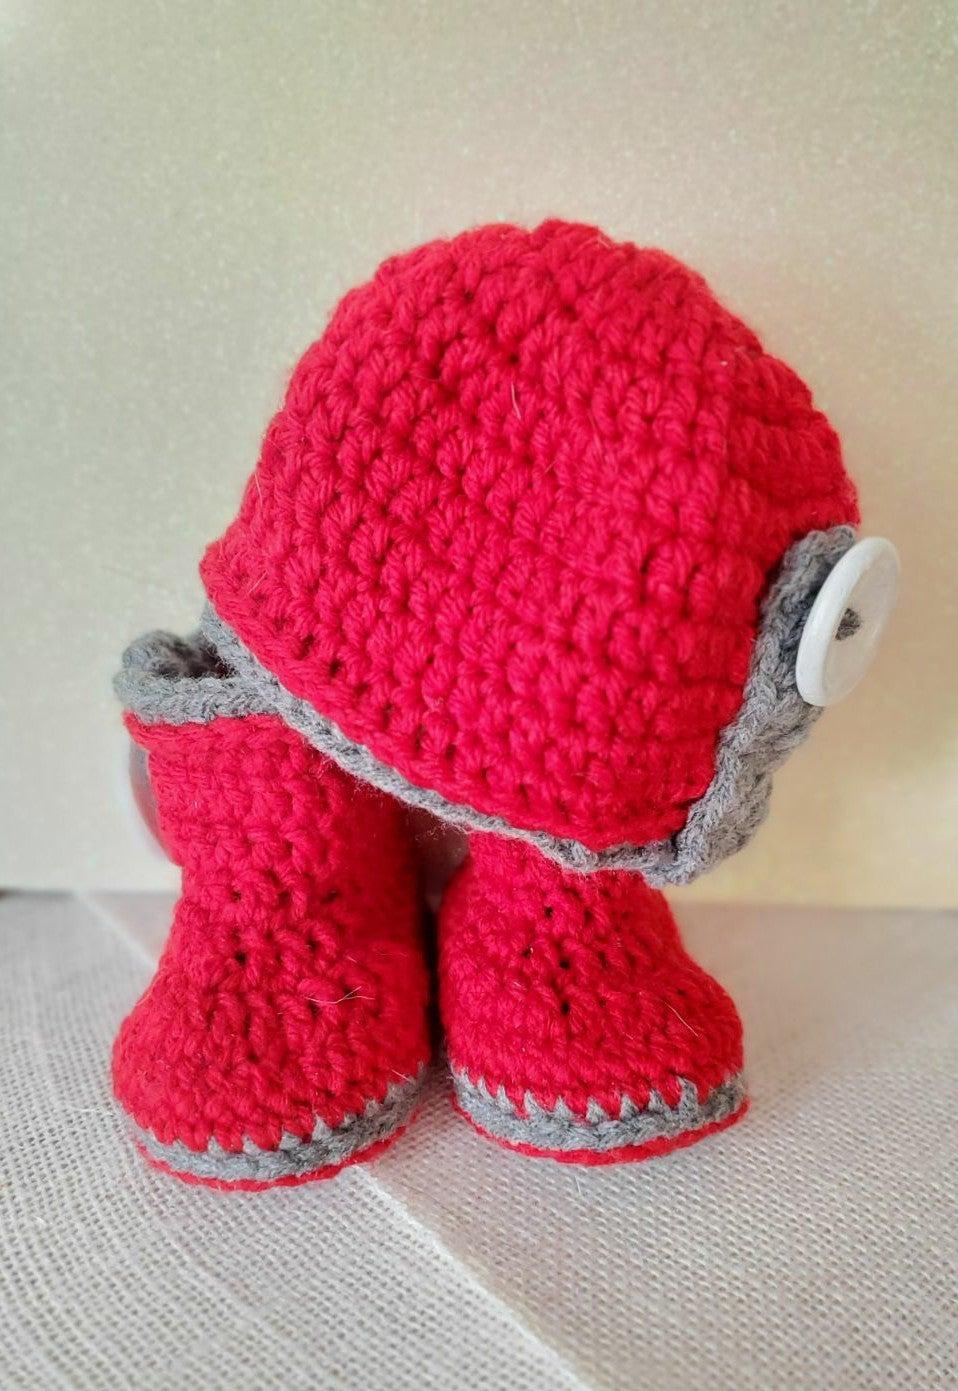 0-3 months Baby Crochet Winter Set